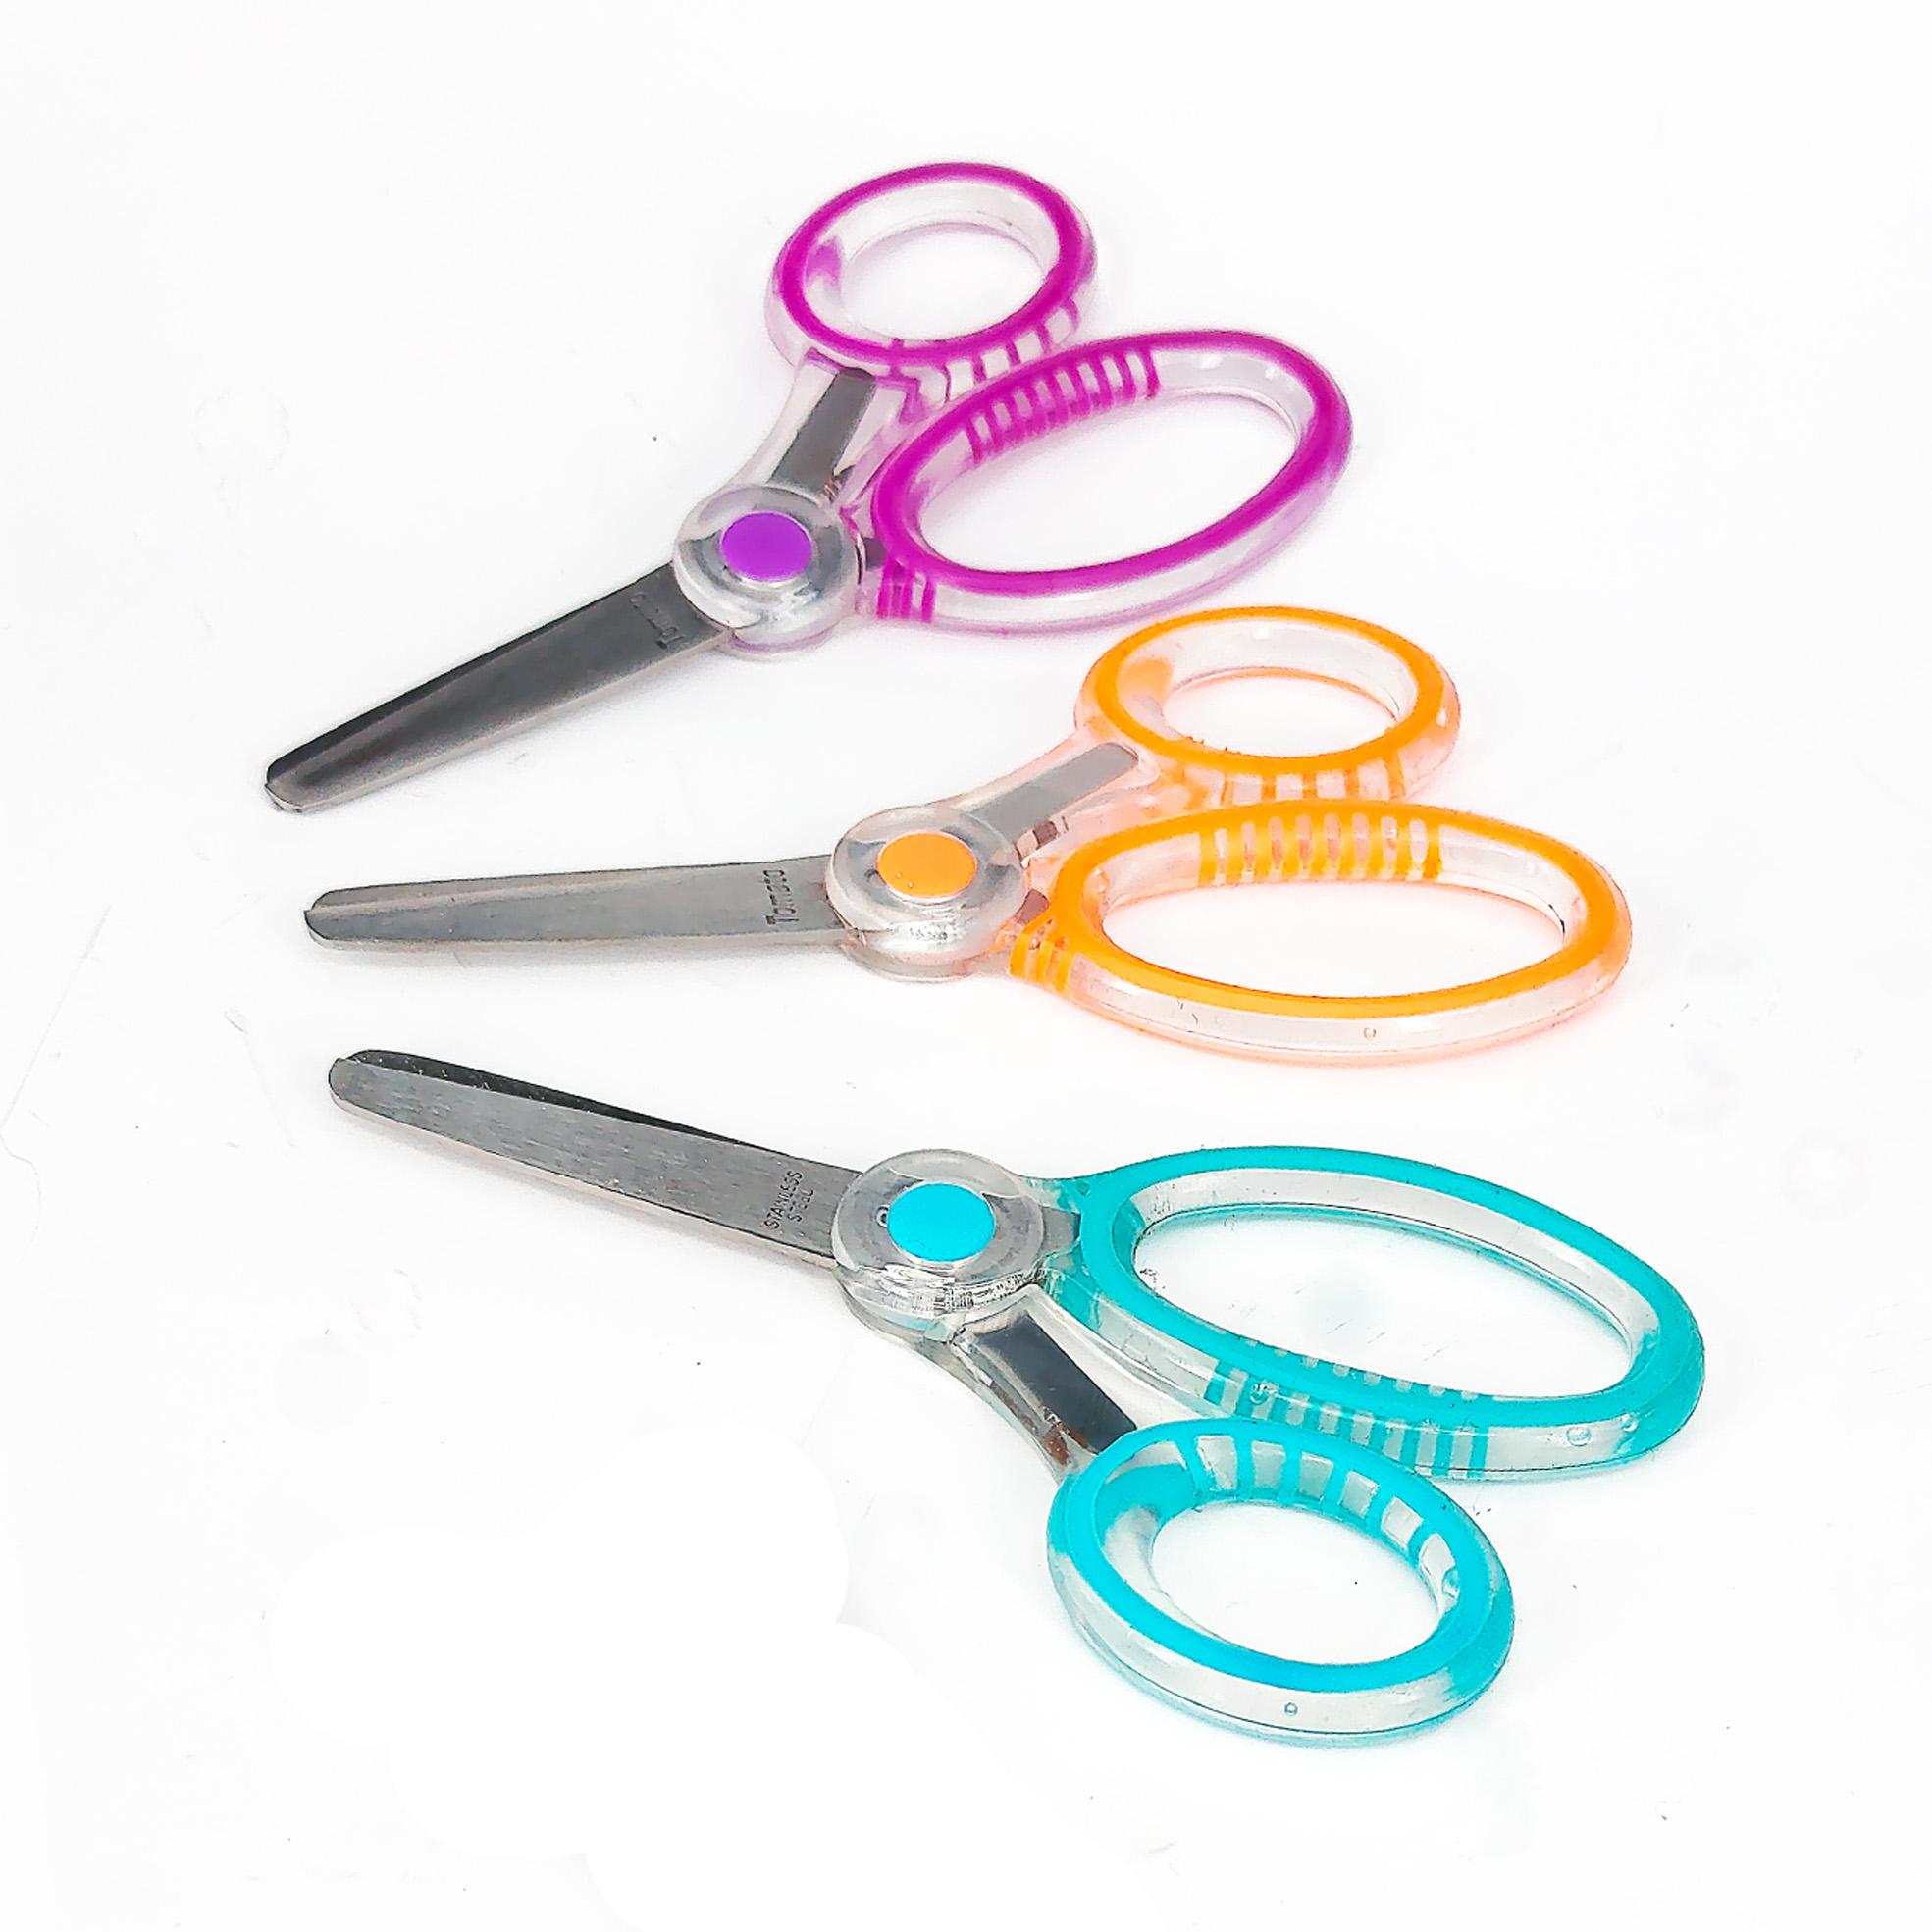 透明雙色剪刀